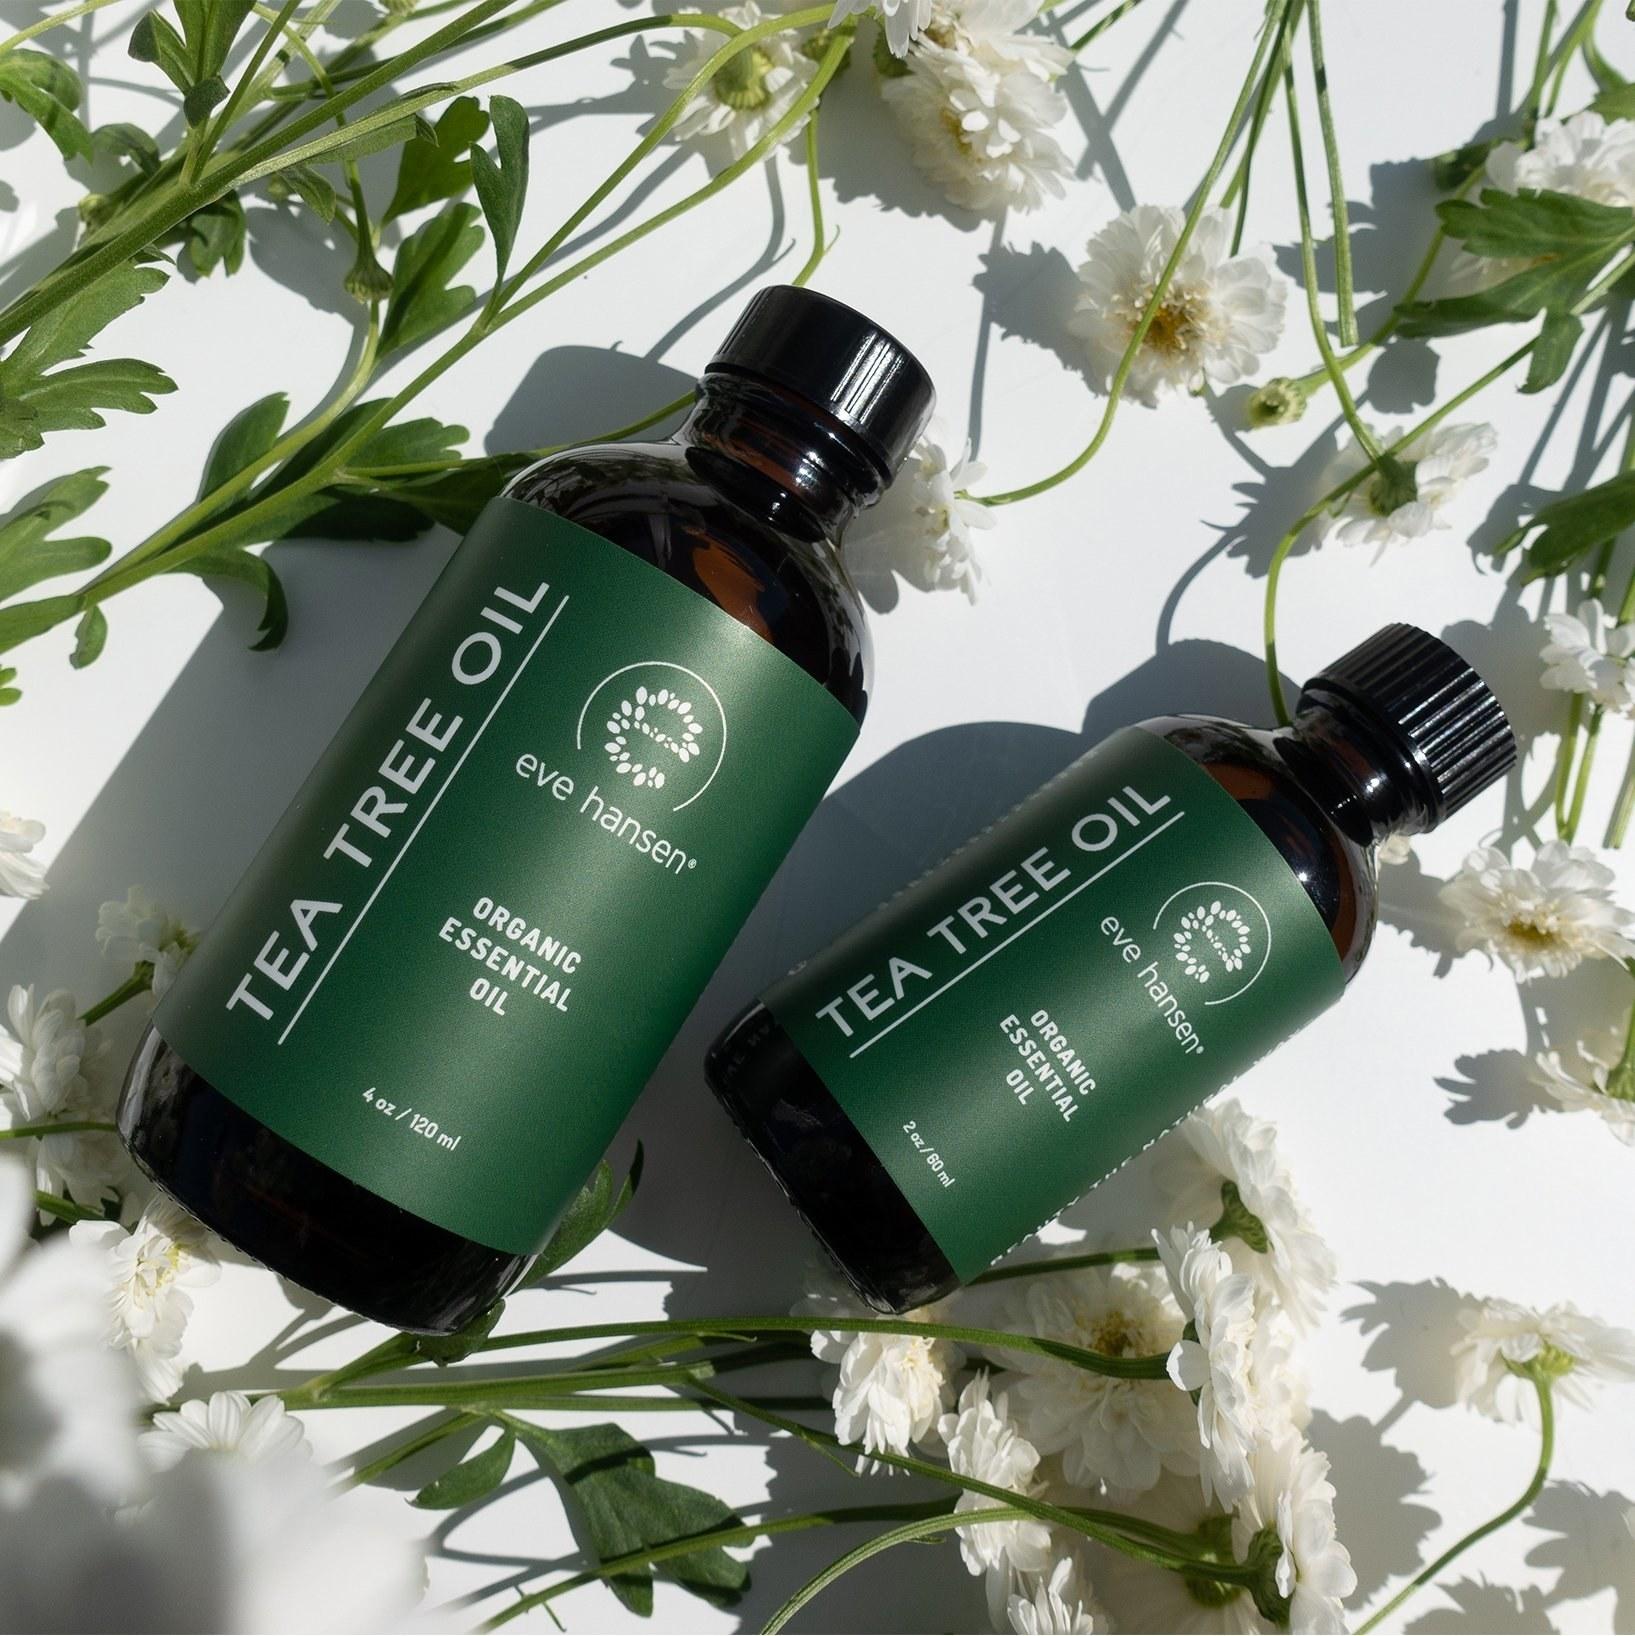 the tea tree oil in a bottle